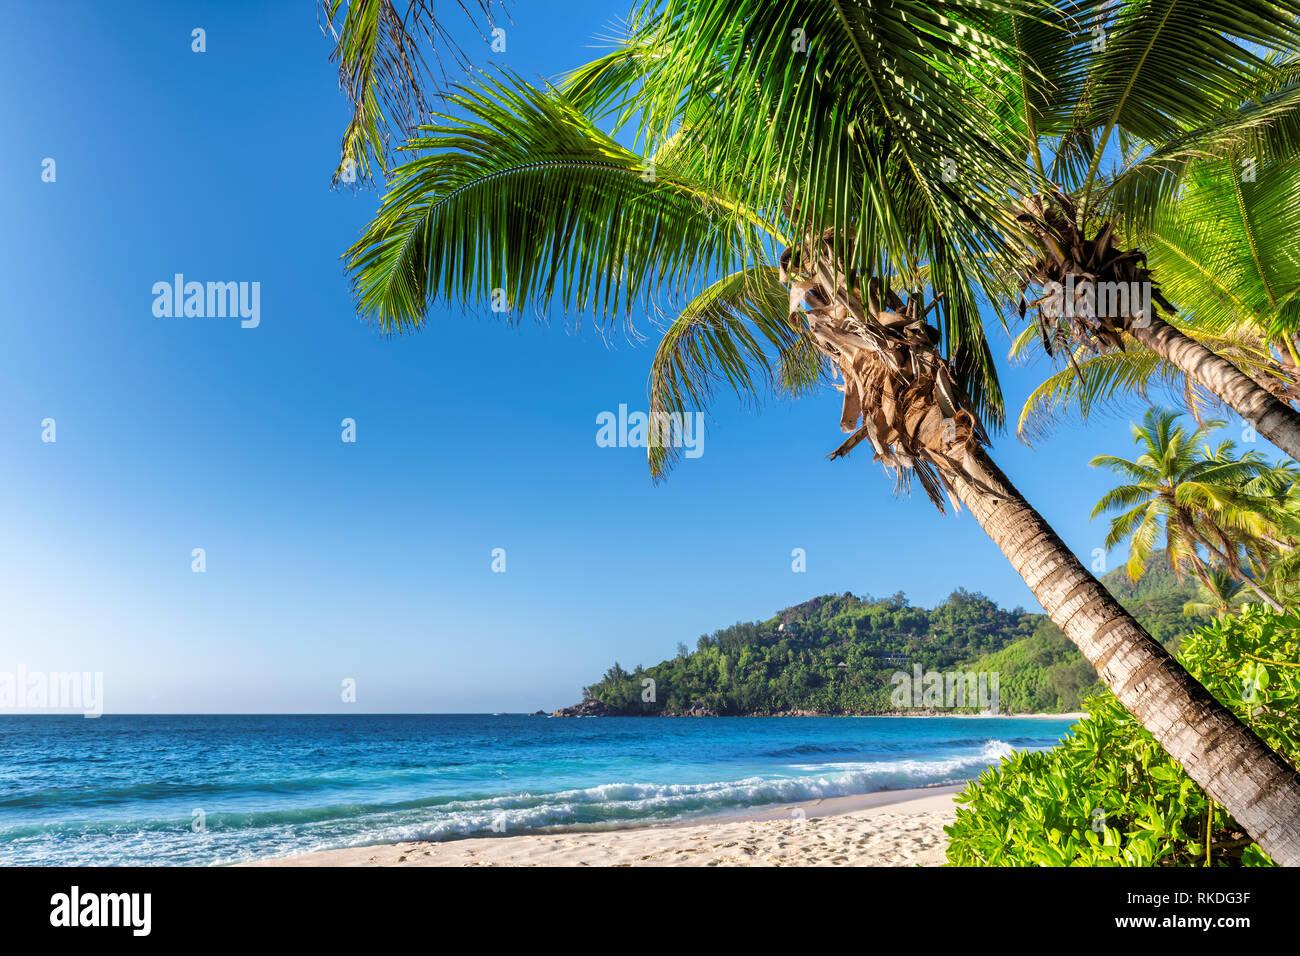 Cocotier sur une plage de sable et mer tropicale en Jamaïque Paradise Island. Photo Stock